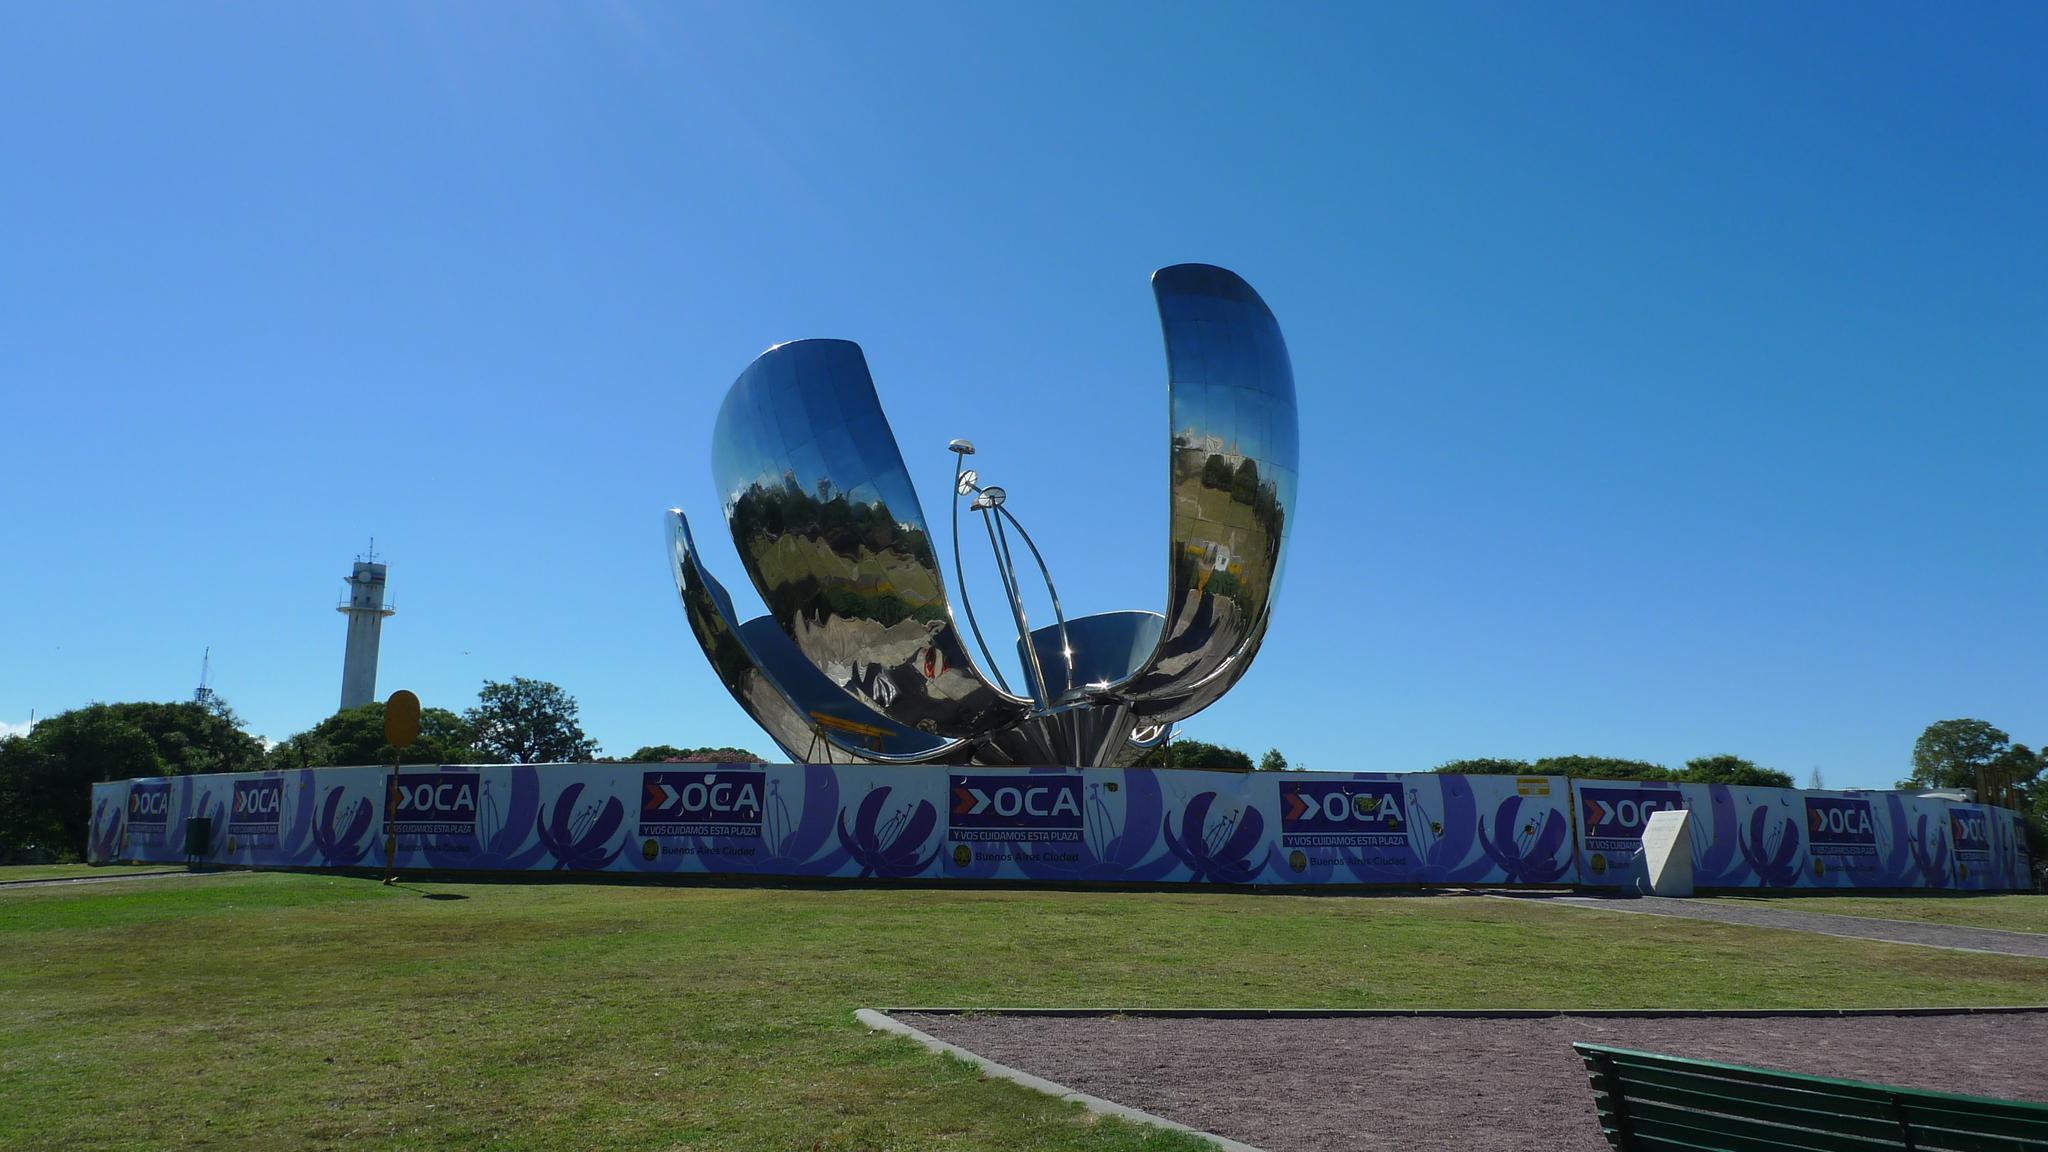 阿根廷 布宜诺斯艾利斯 阿根廷钢花